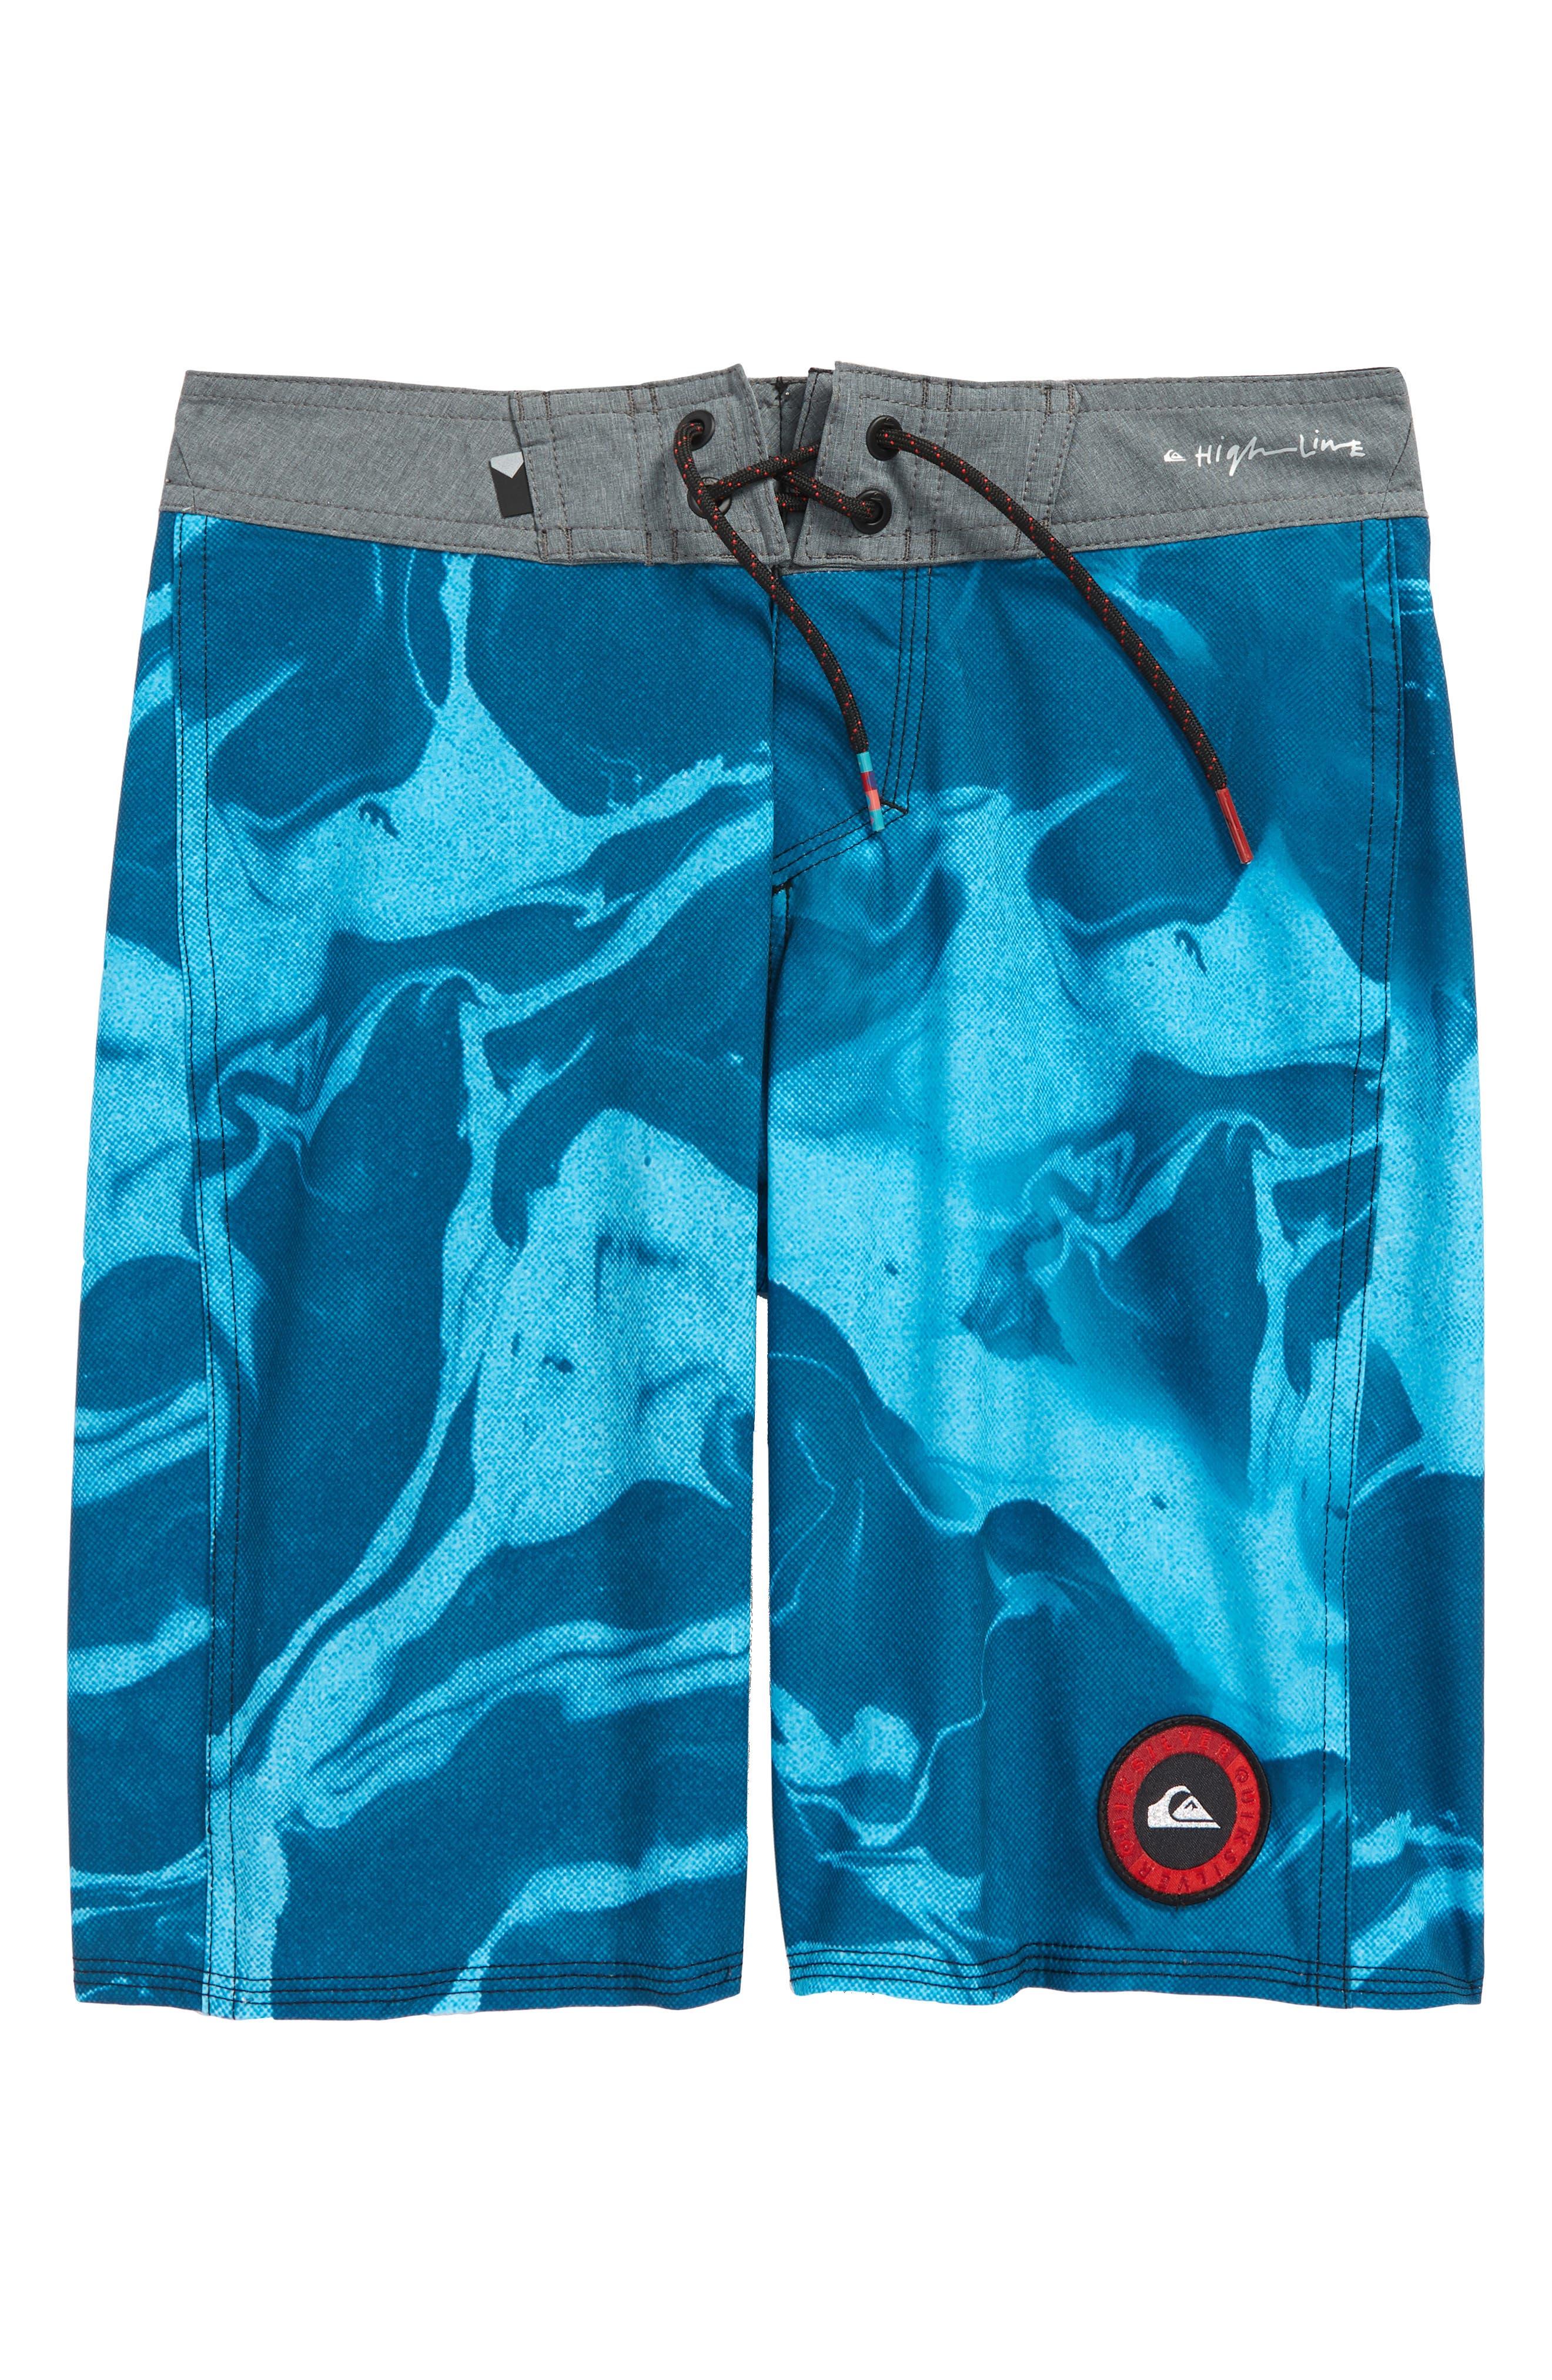 Highline Variable Board Shorts,                             Main thumbnail 1, color,                             440